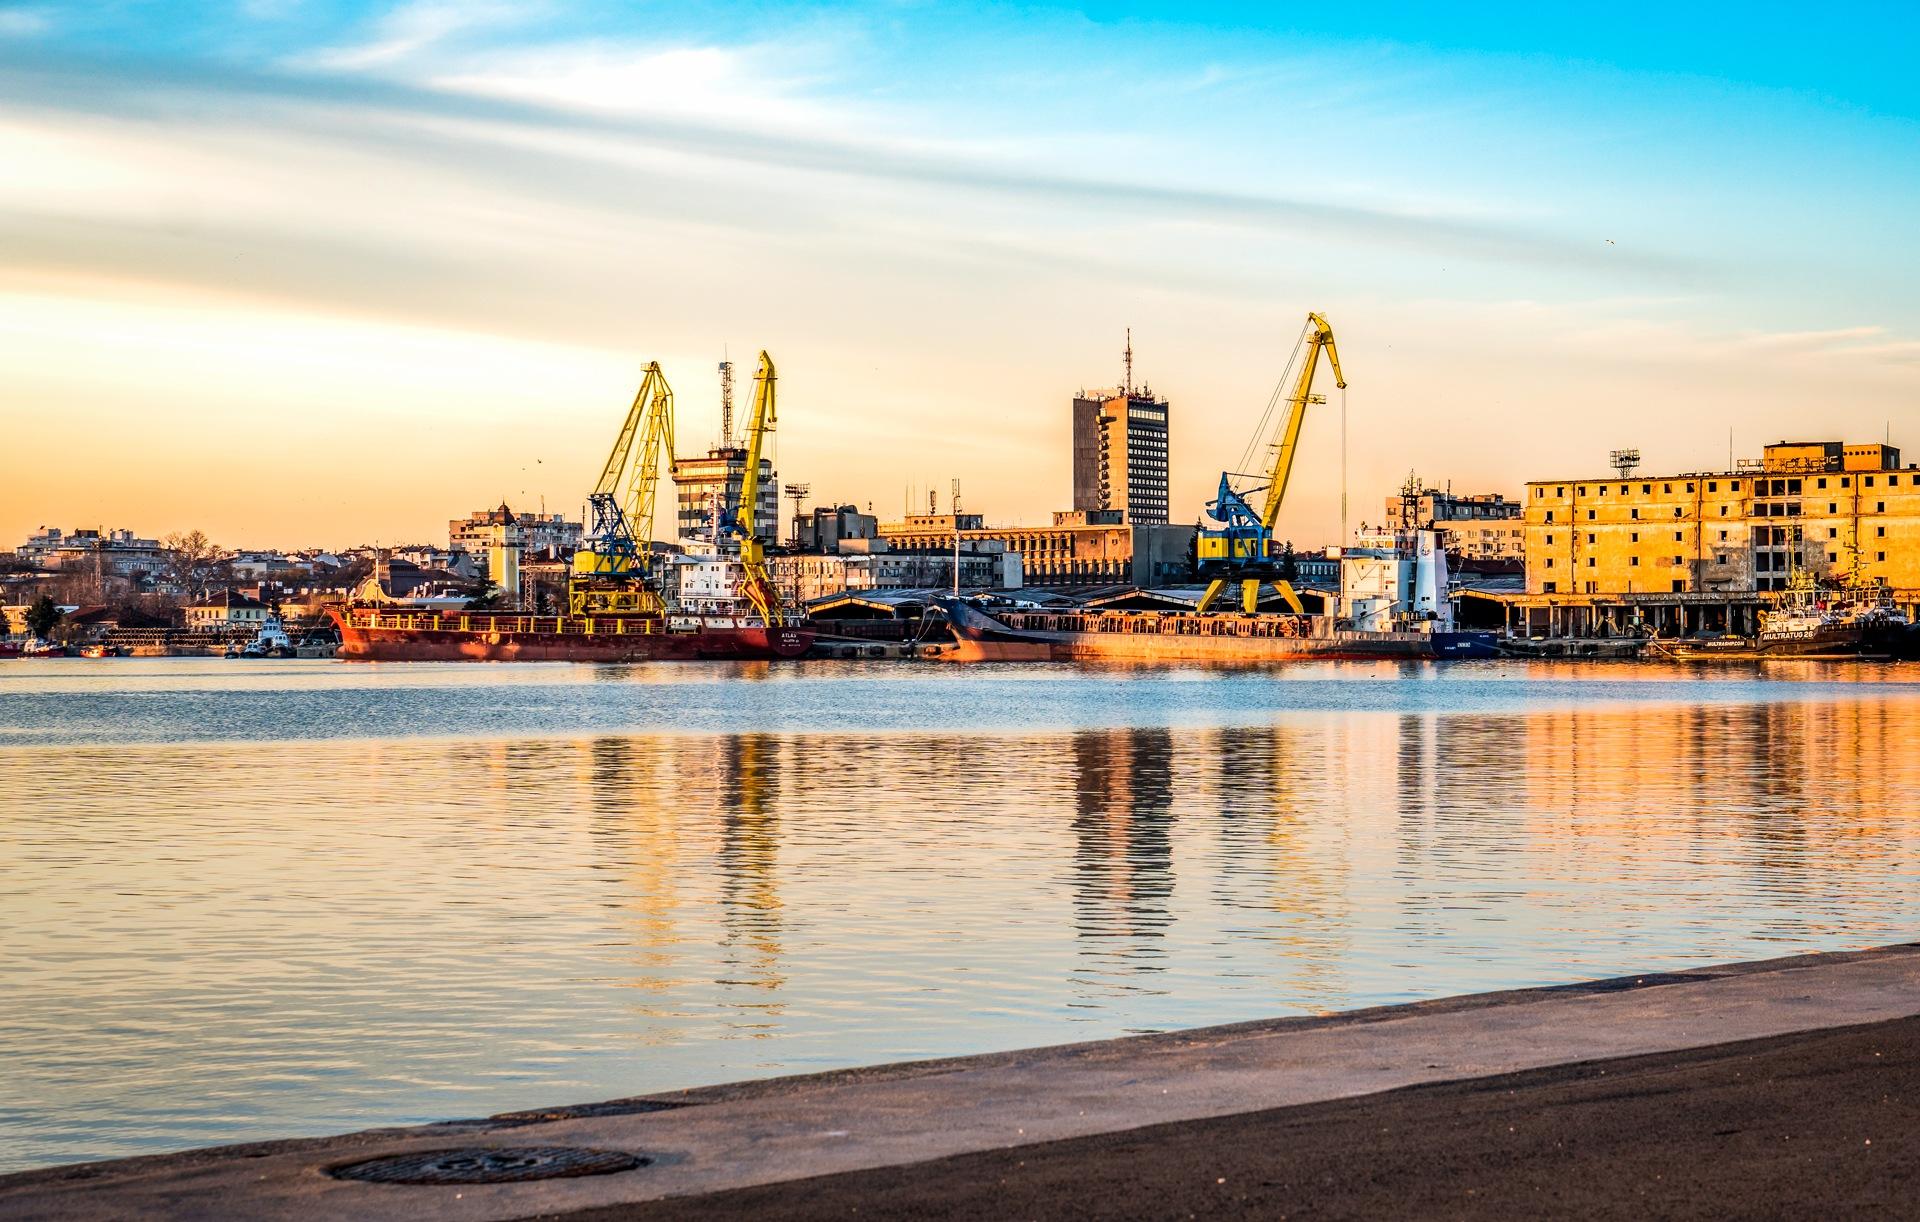 Port of Burgas by Venelin Todorov